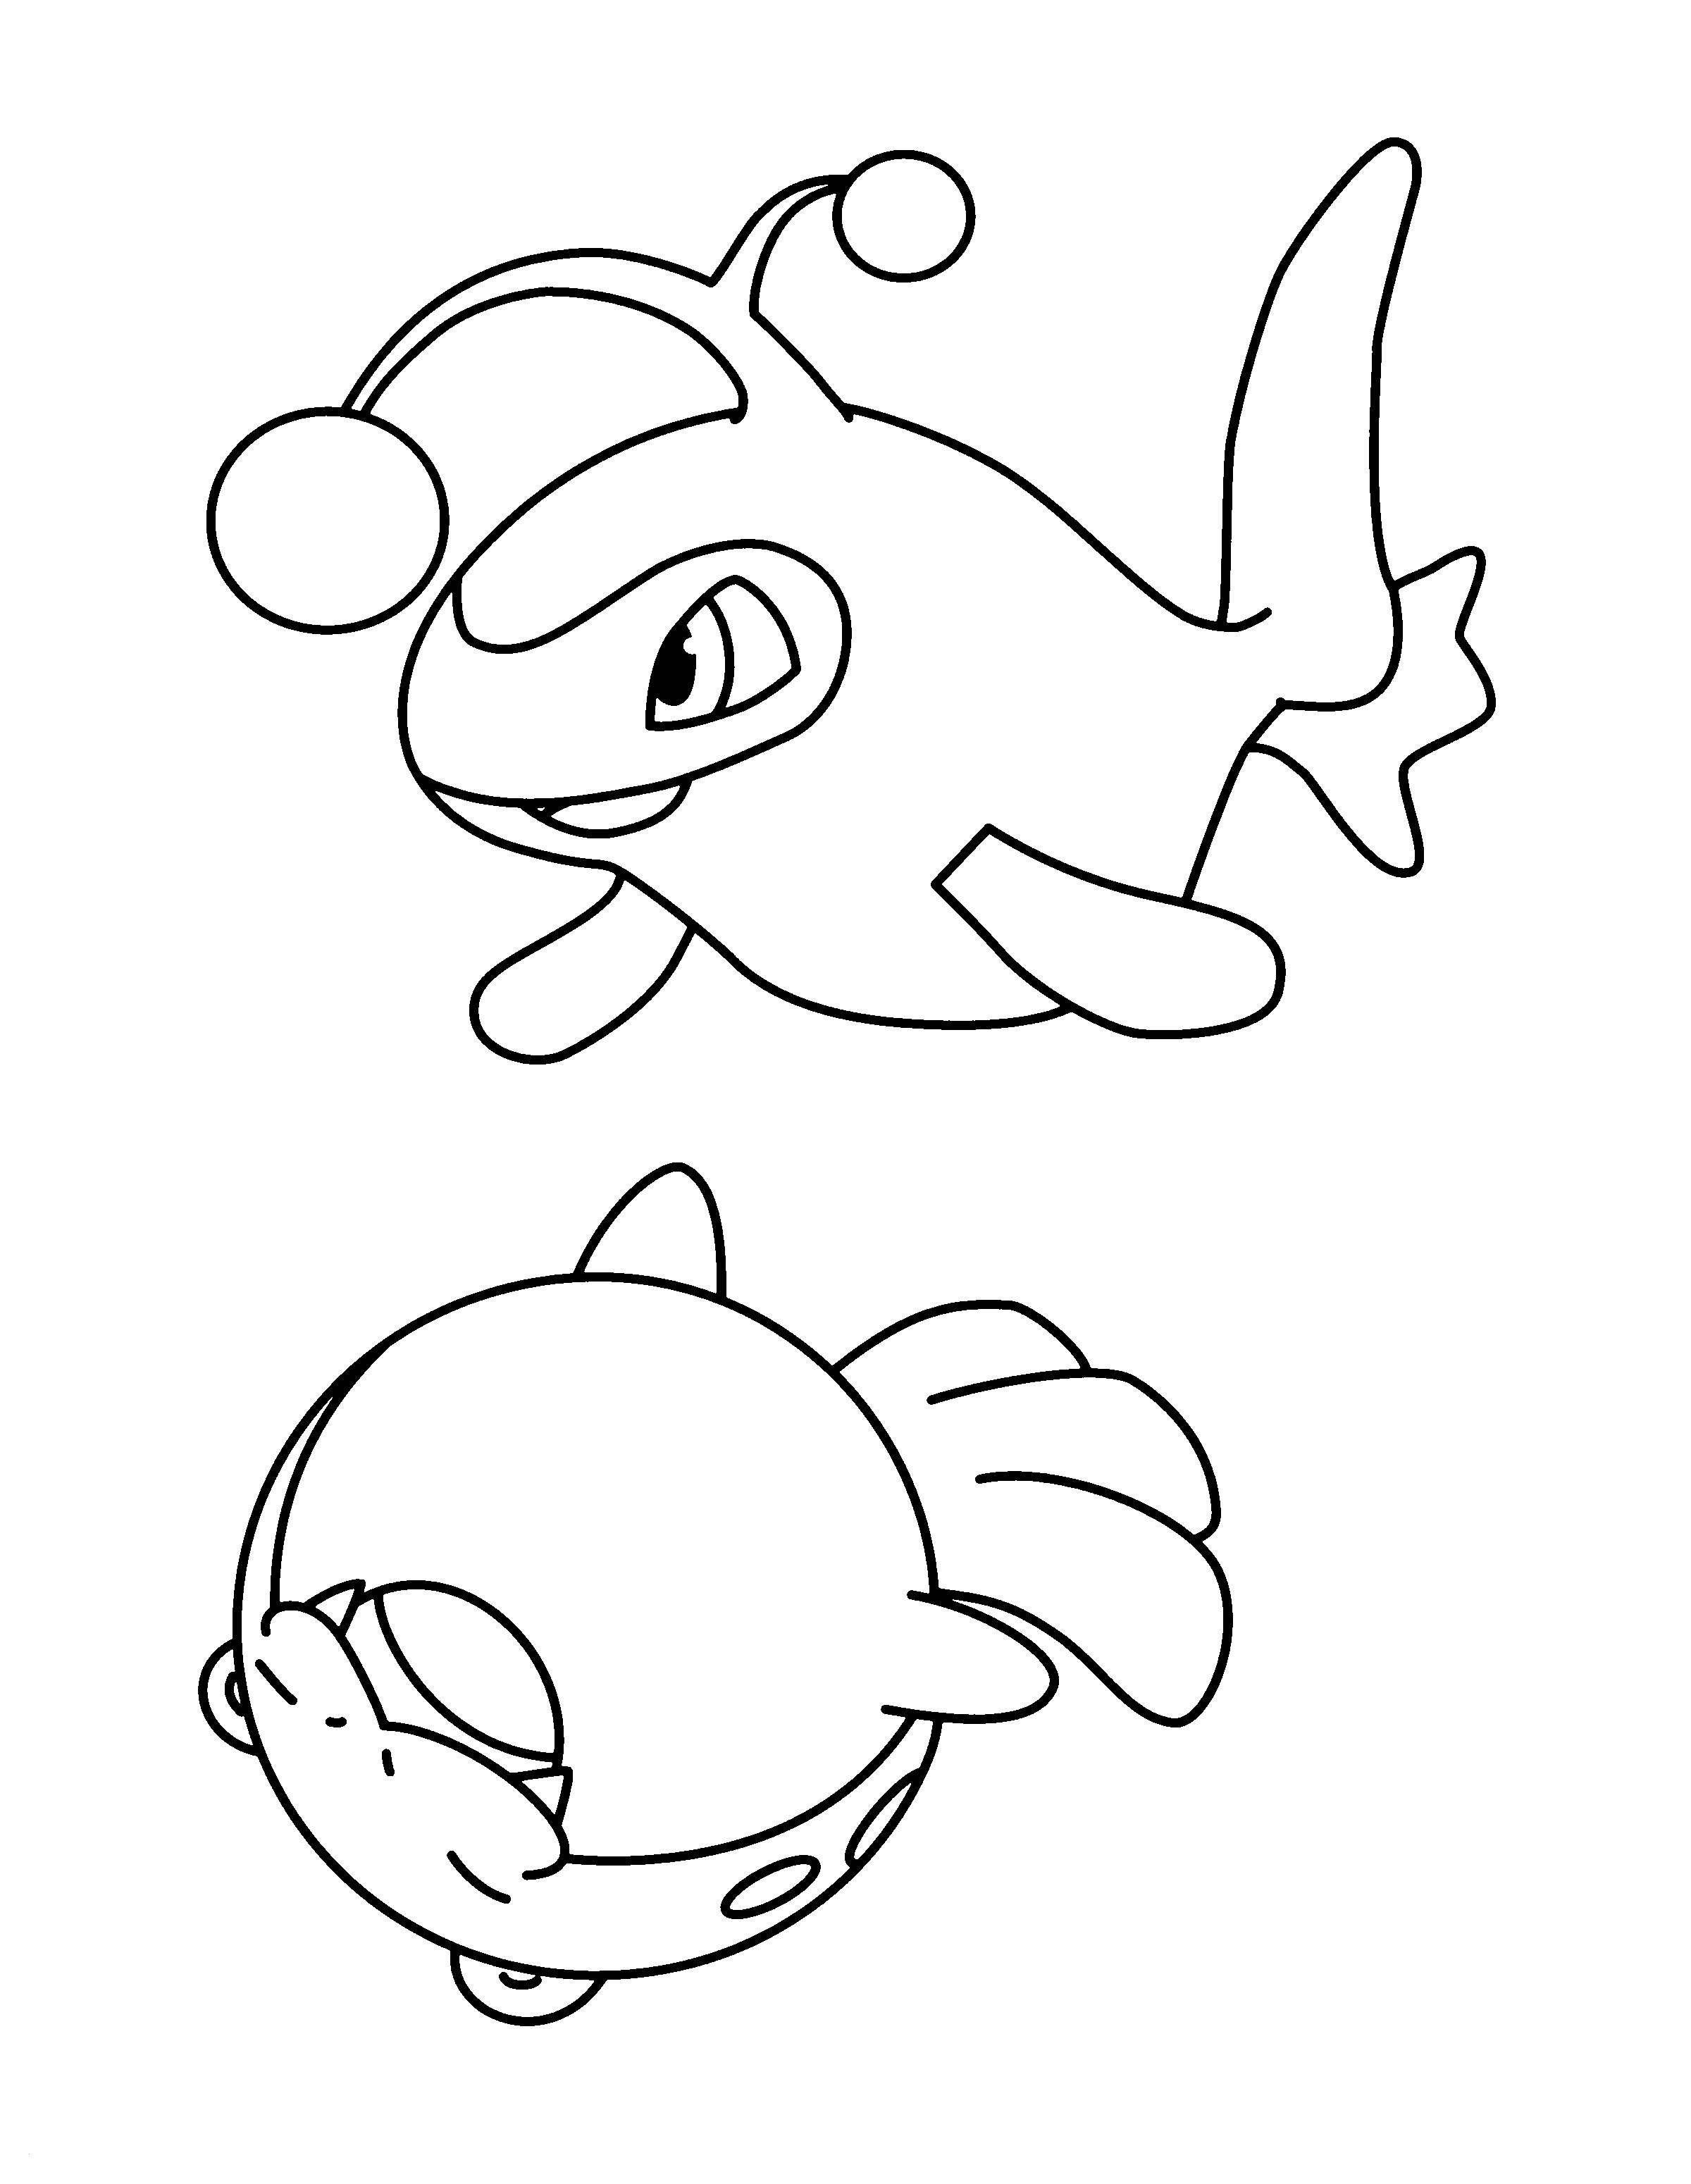 Ausmalbilder Von Pokemon Zum Ausdrucken Neu 33 Pokemons Zum Ausmalen Stock